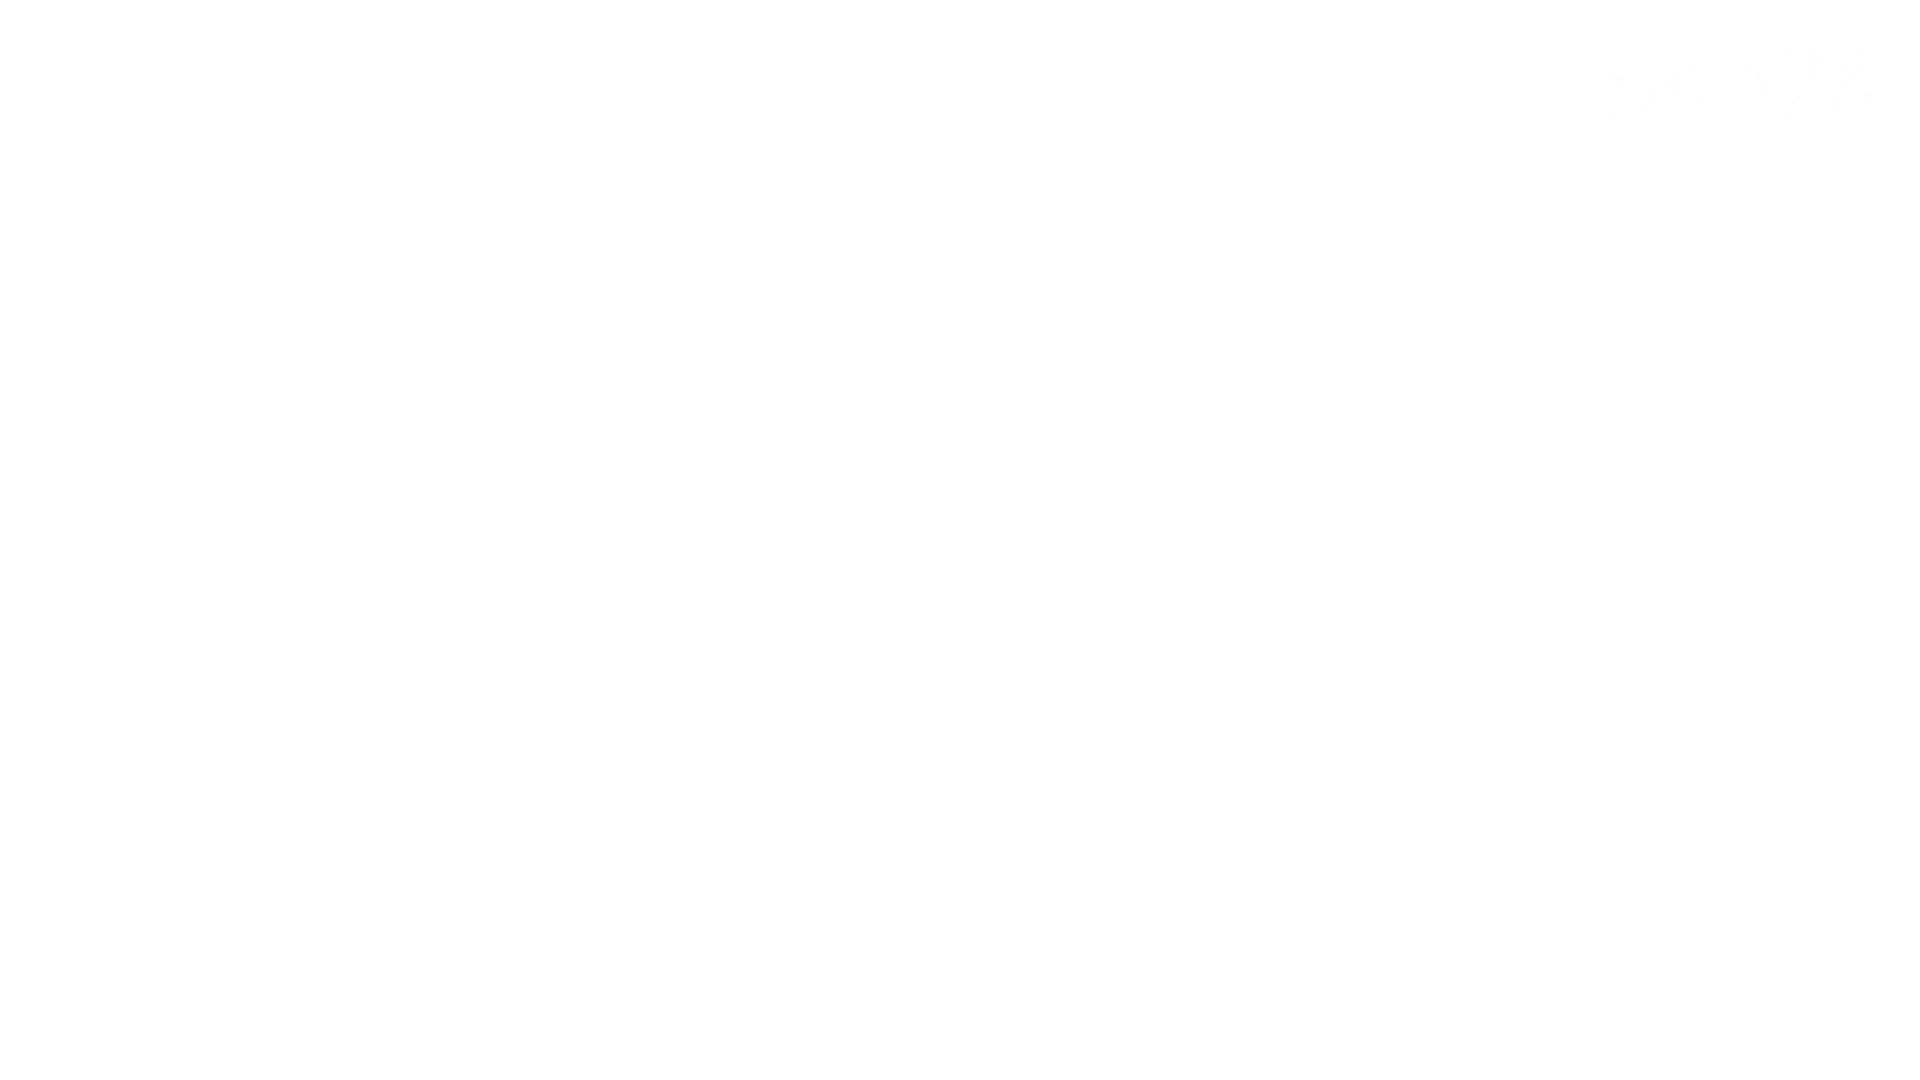 ▲復活限定▲ハイビジョン 盗神伝 Vol.28 ギャル | 洗面所  96画像 32